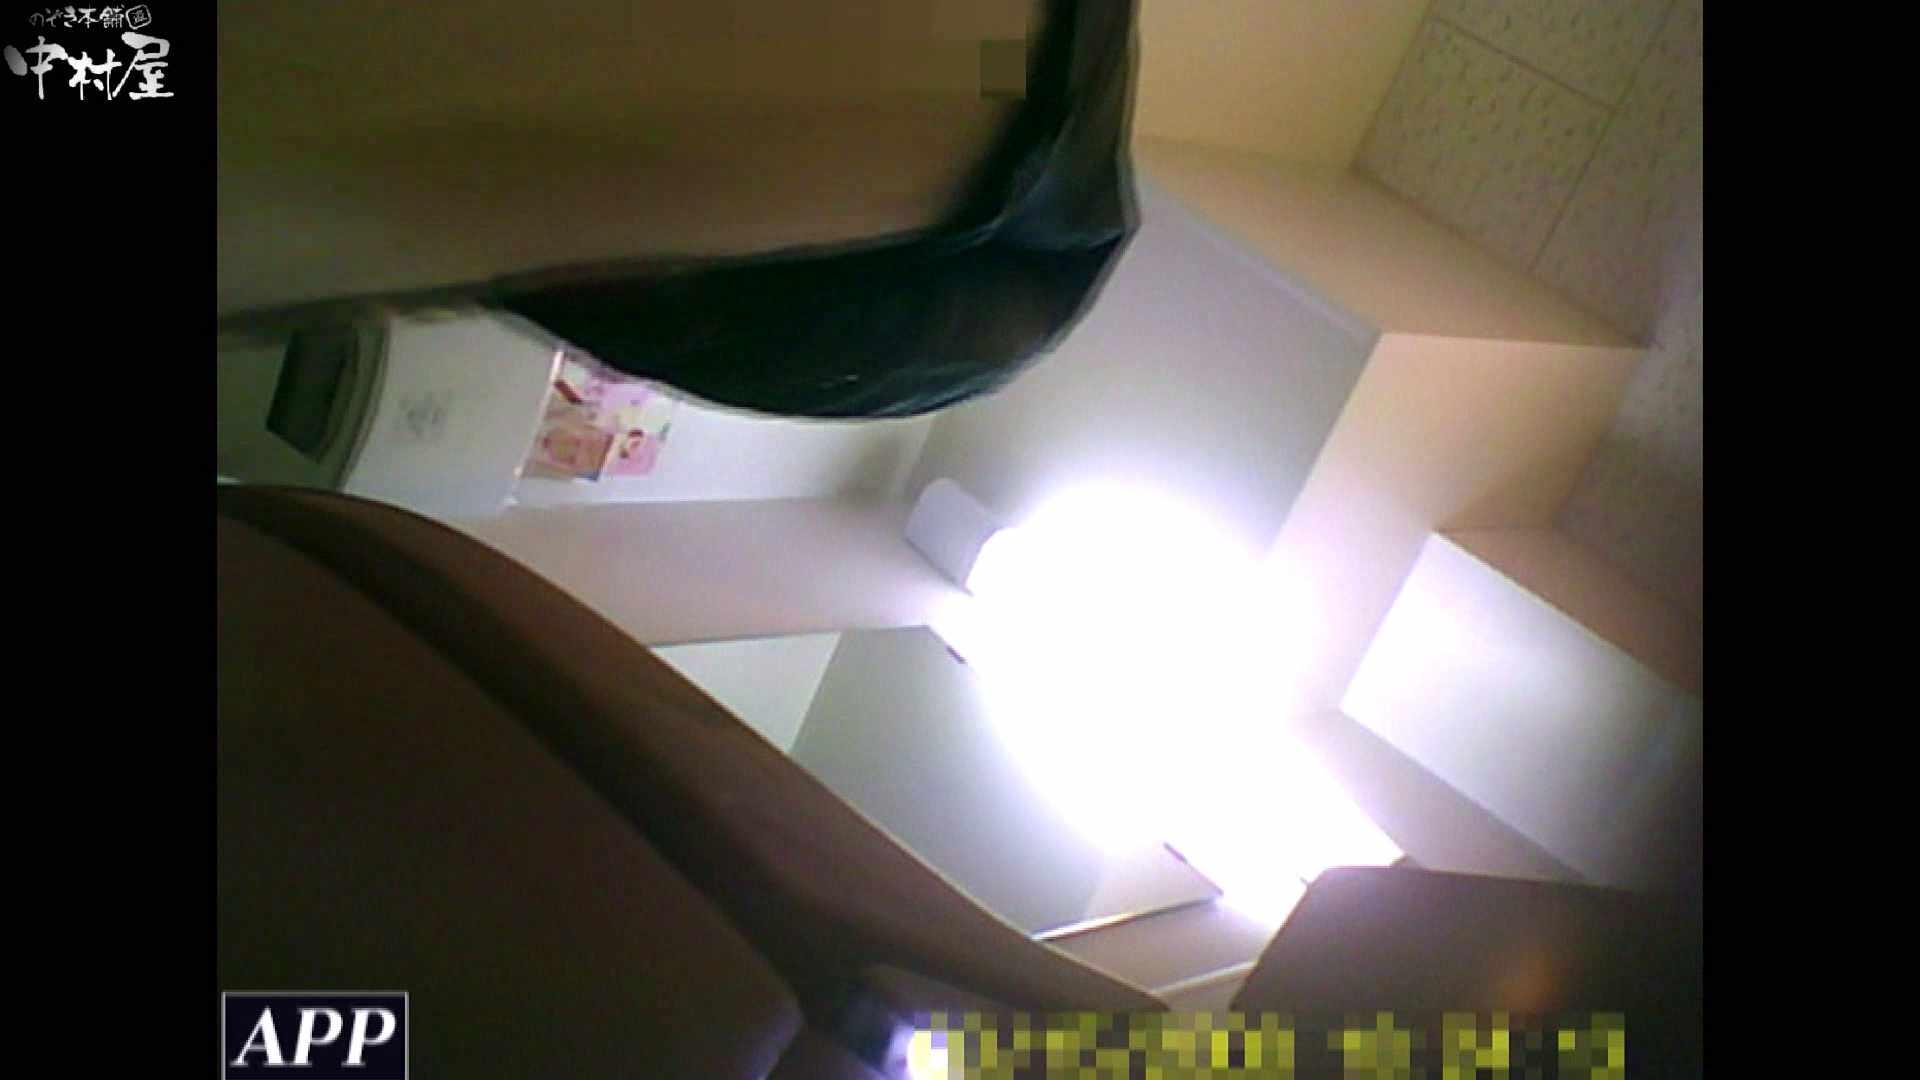 三つ目で盗撮 vol.56 無修正オマンコ AV無料動画キャプチャ 100画像 99